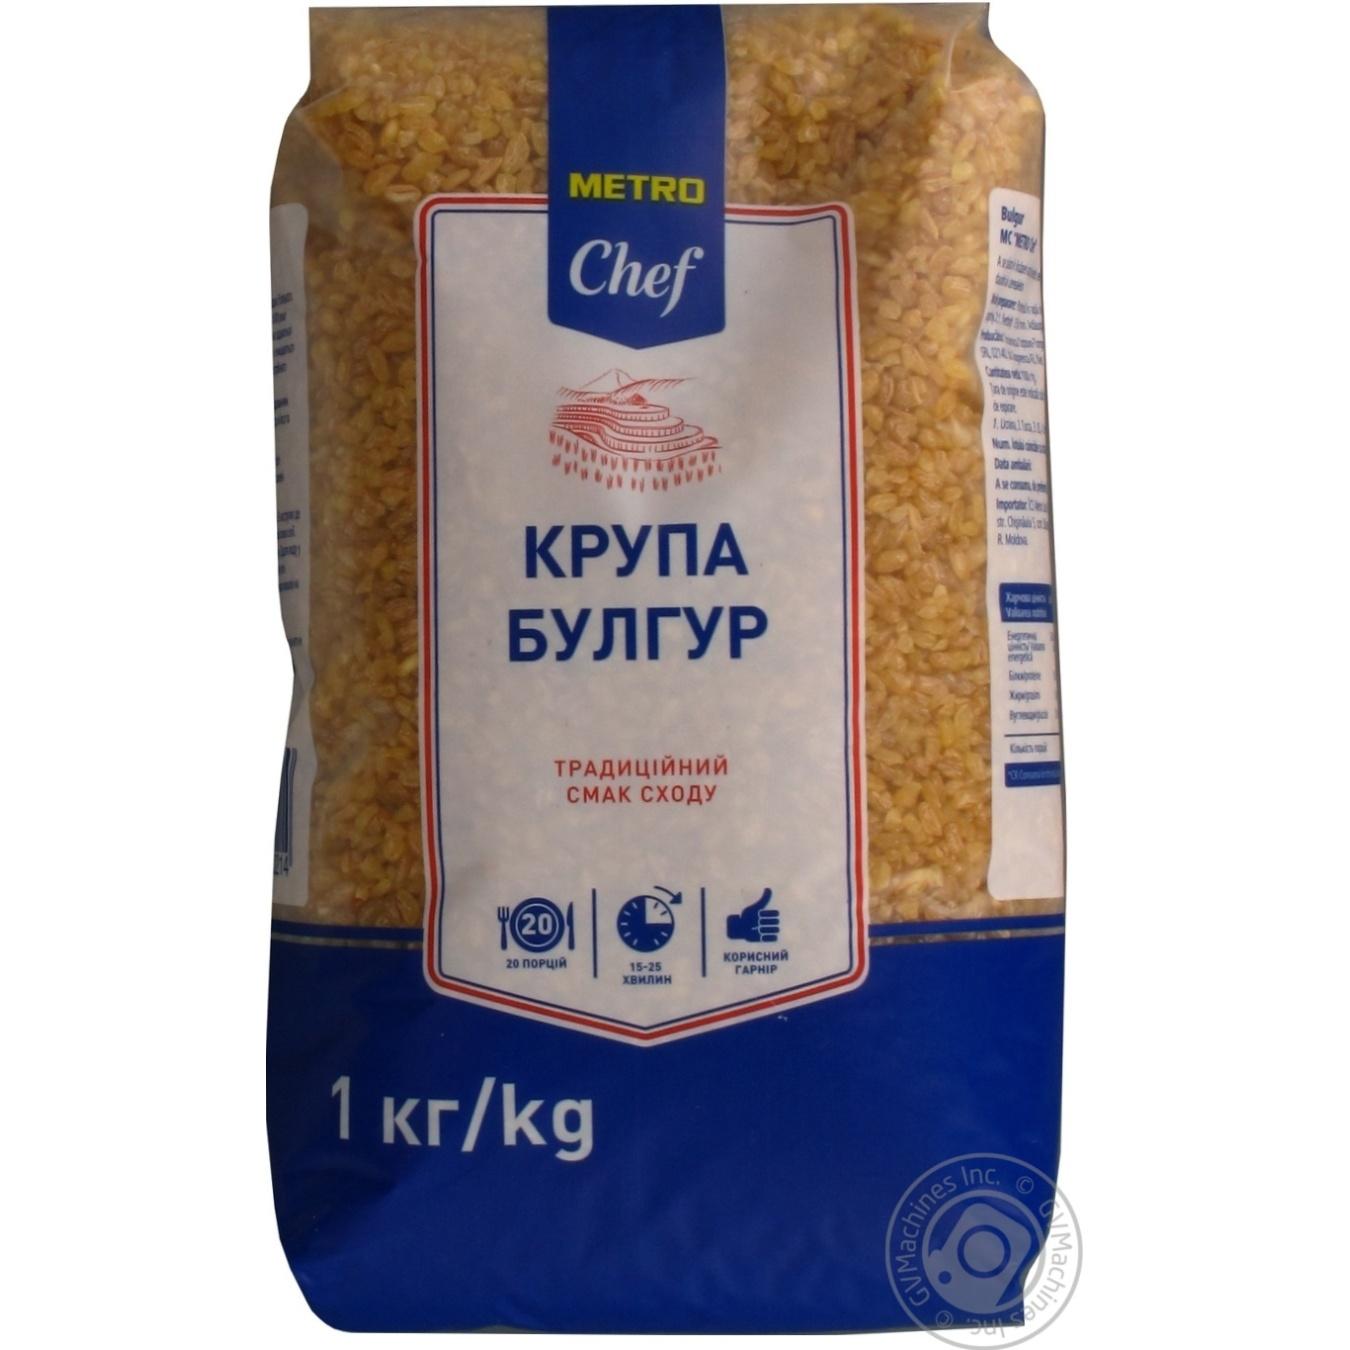 Купить Булгур METRO Chef 1кг